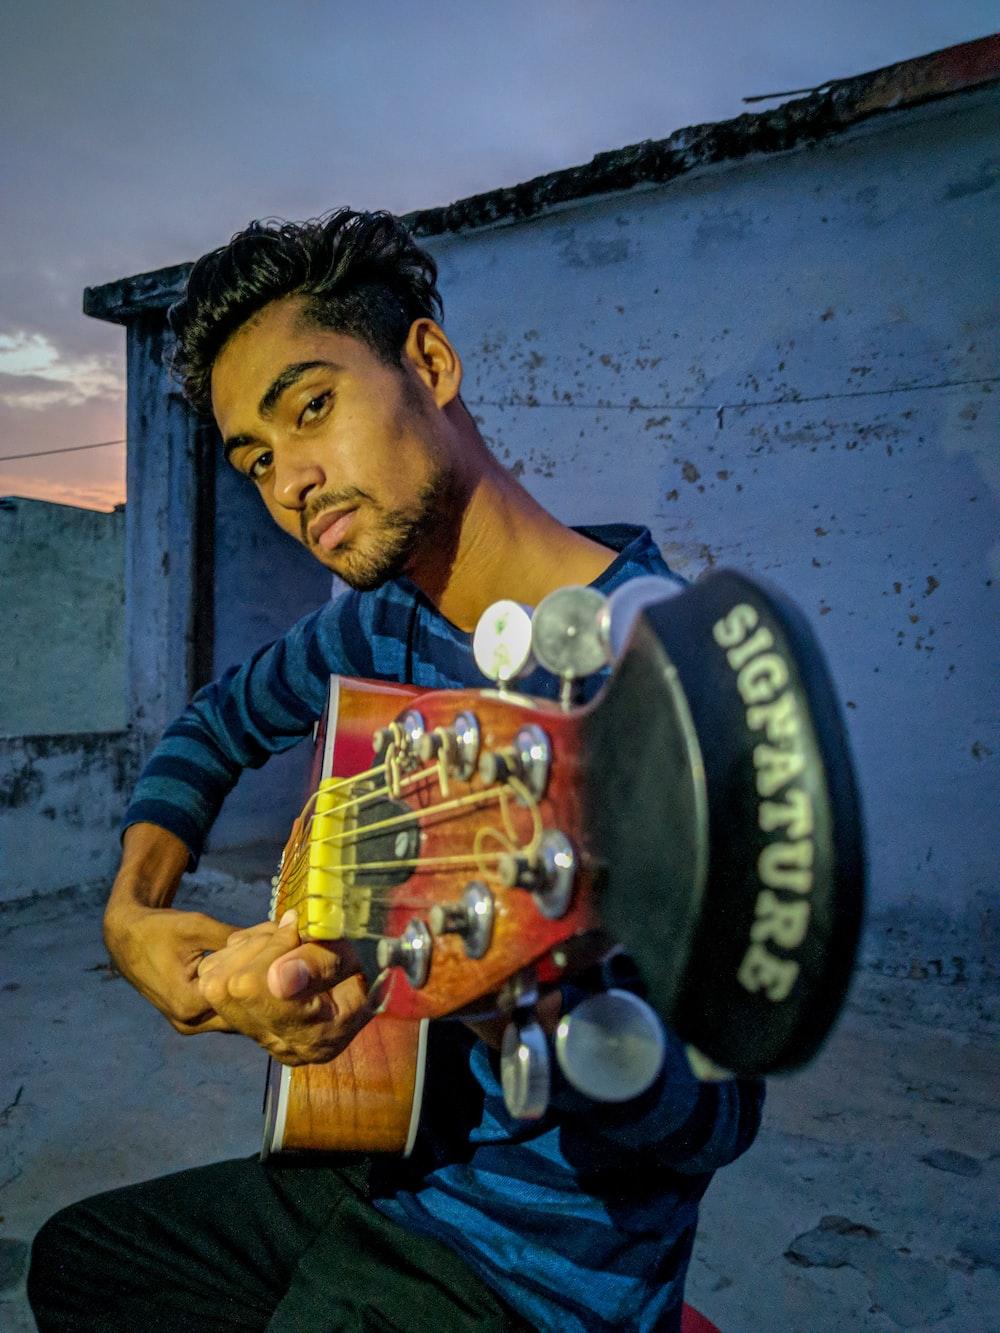 man playing guitar during nighttime